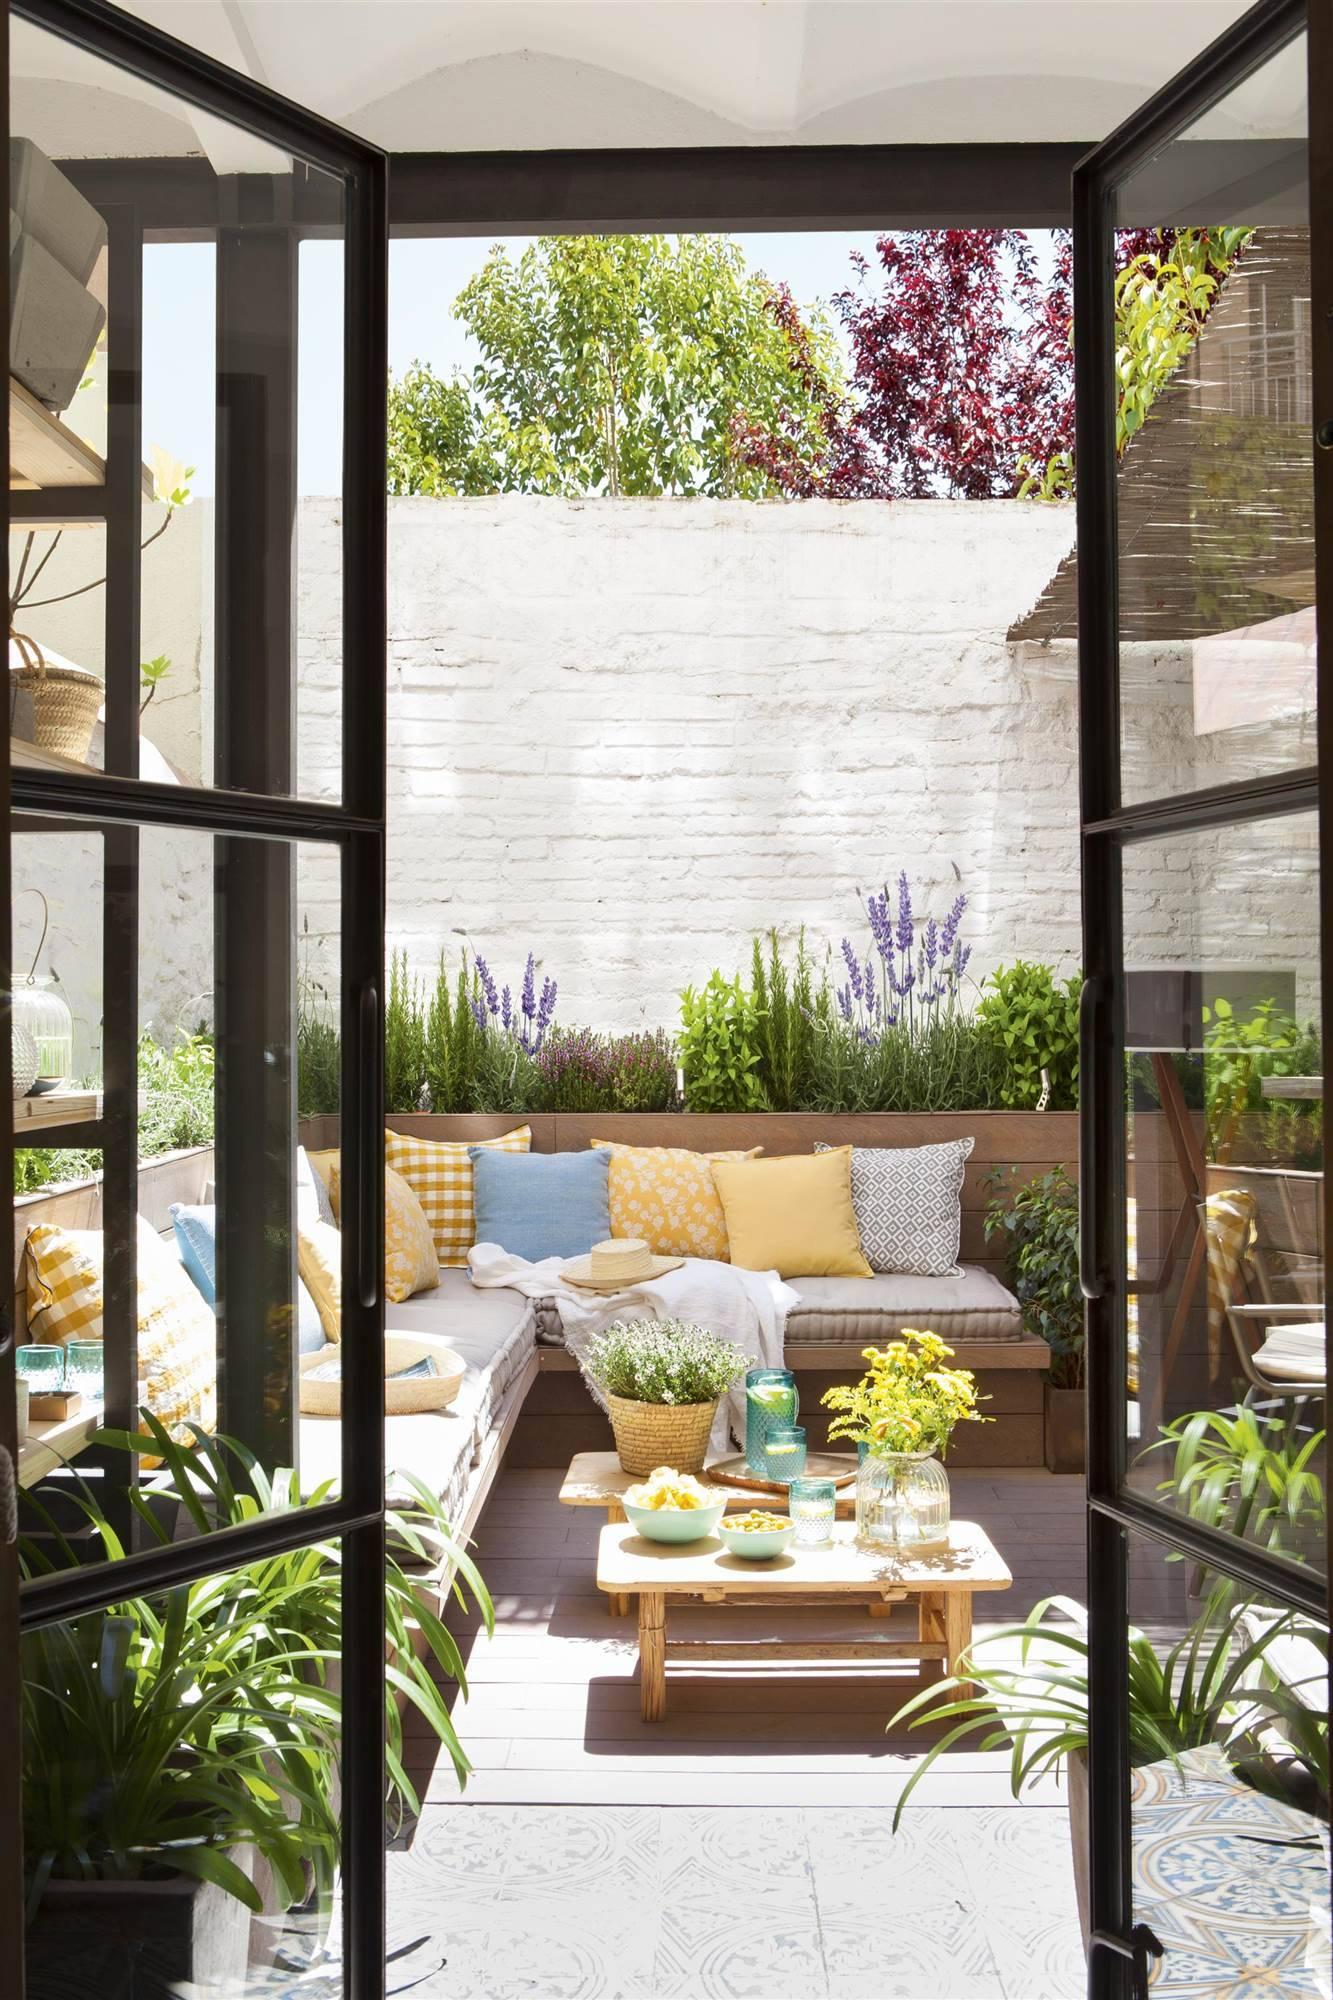 128 fotos de patios - Decorar un patio interior ...